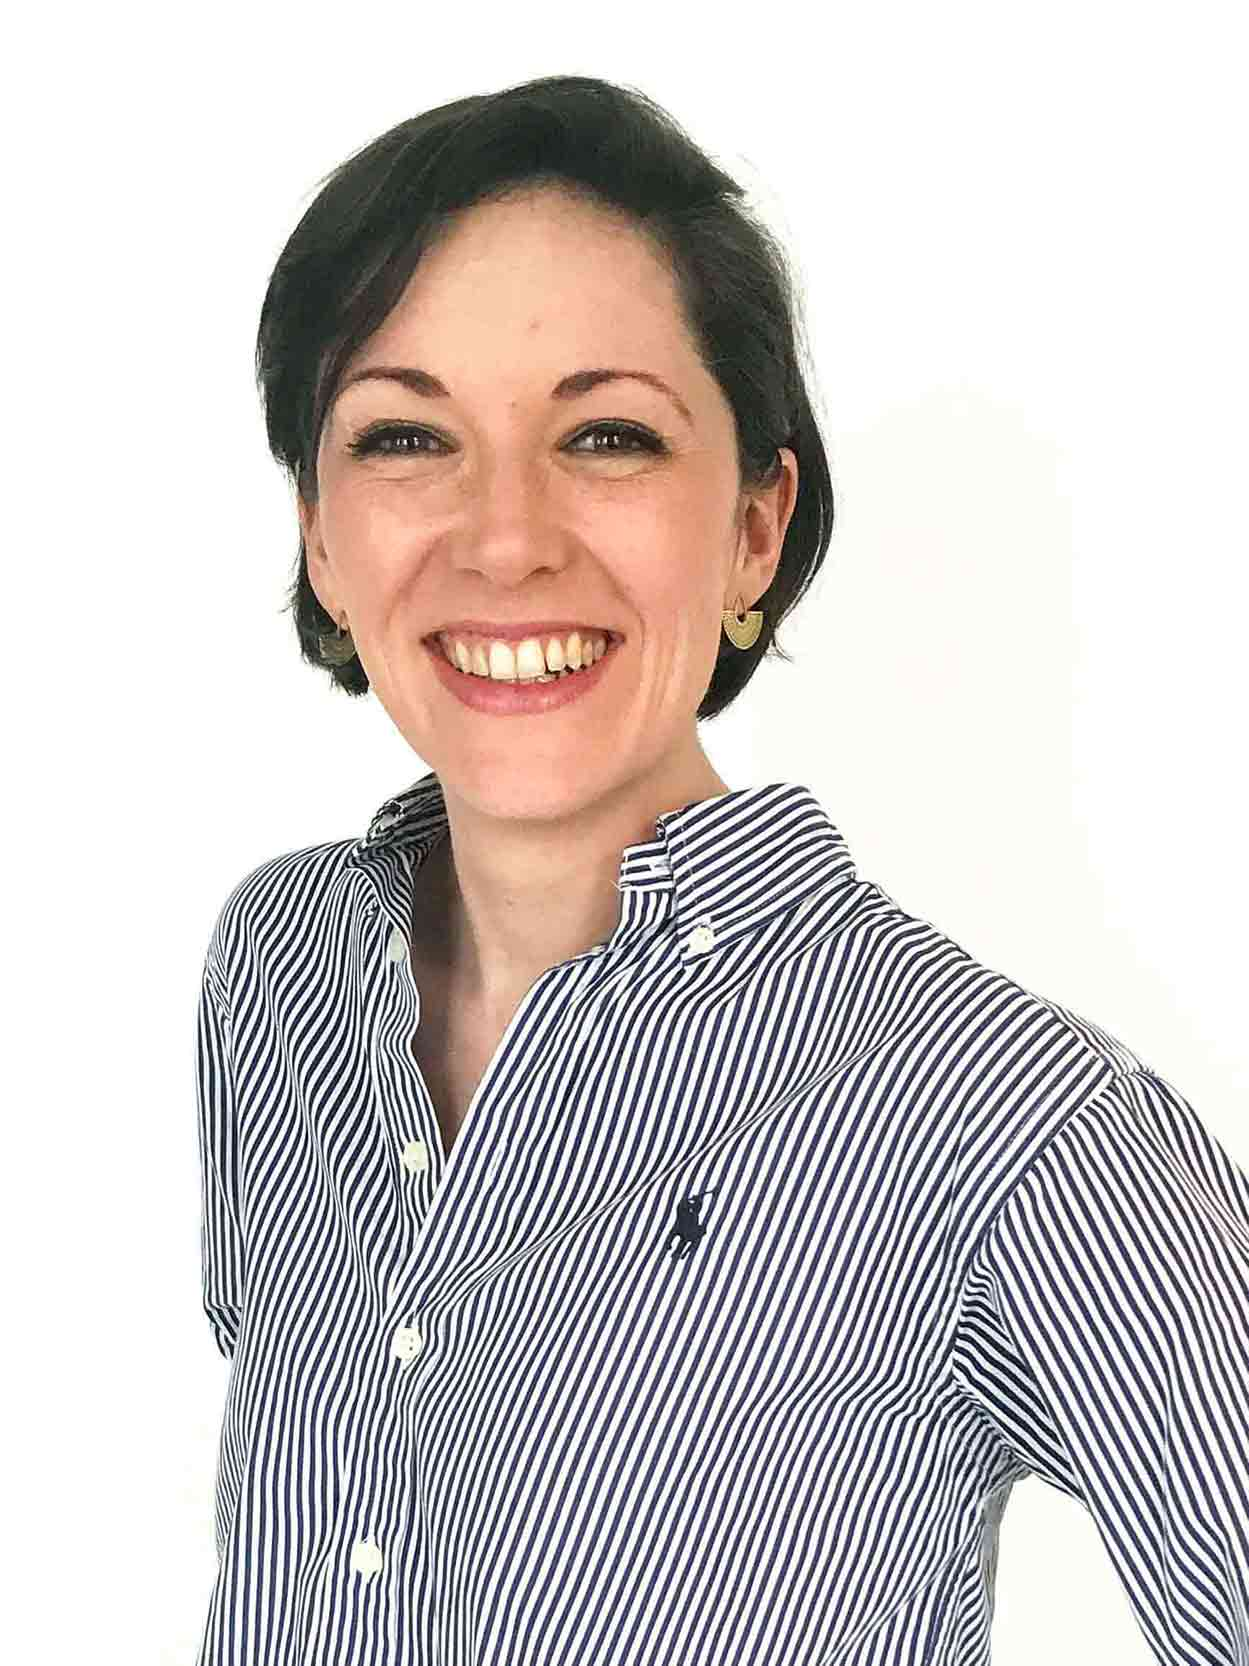 Noémie Deshayes est l'office manager Tactique et s'occupe de toute l'organisation